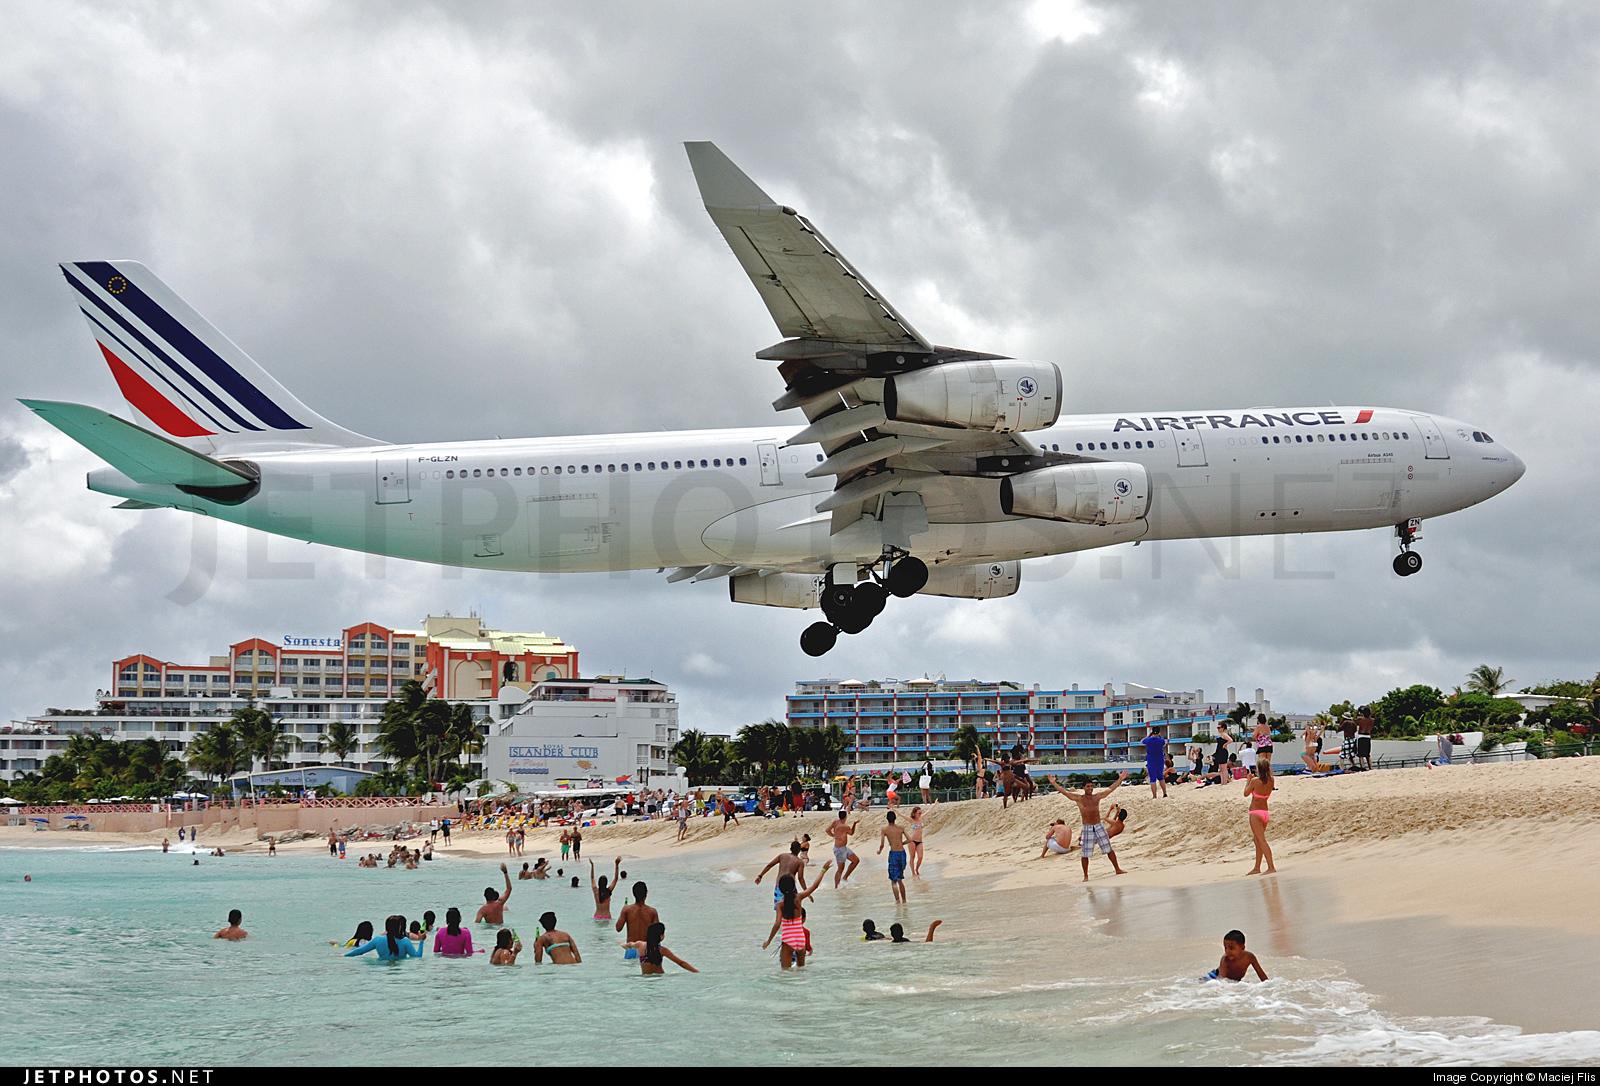 F-GLZN - Airbus A340-313X - Air France